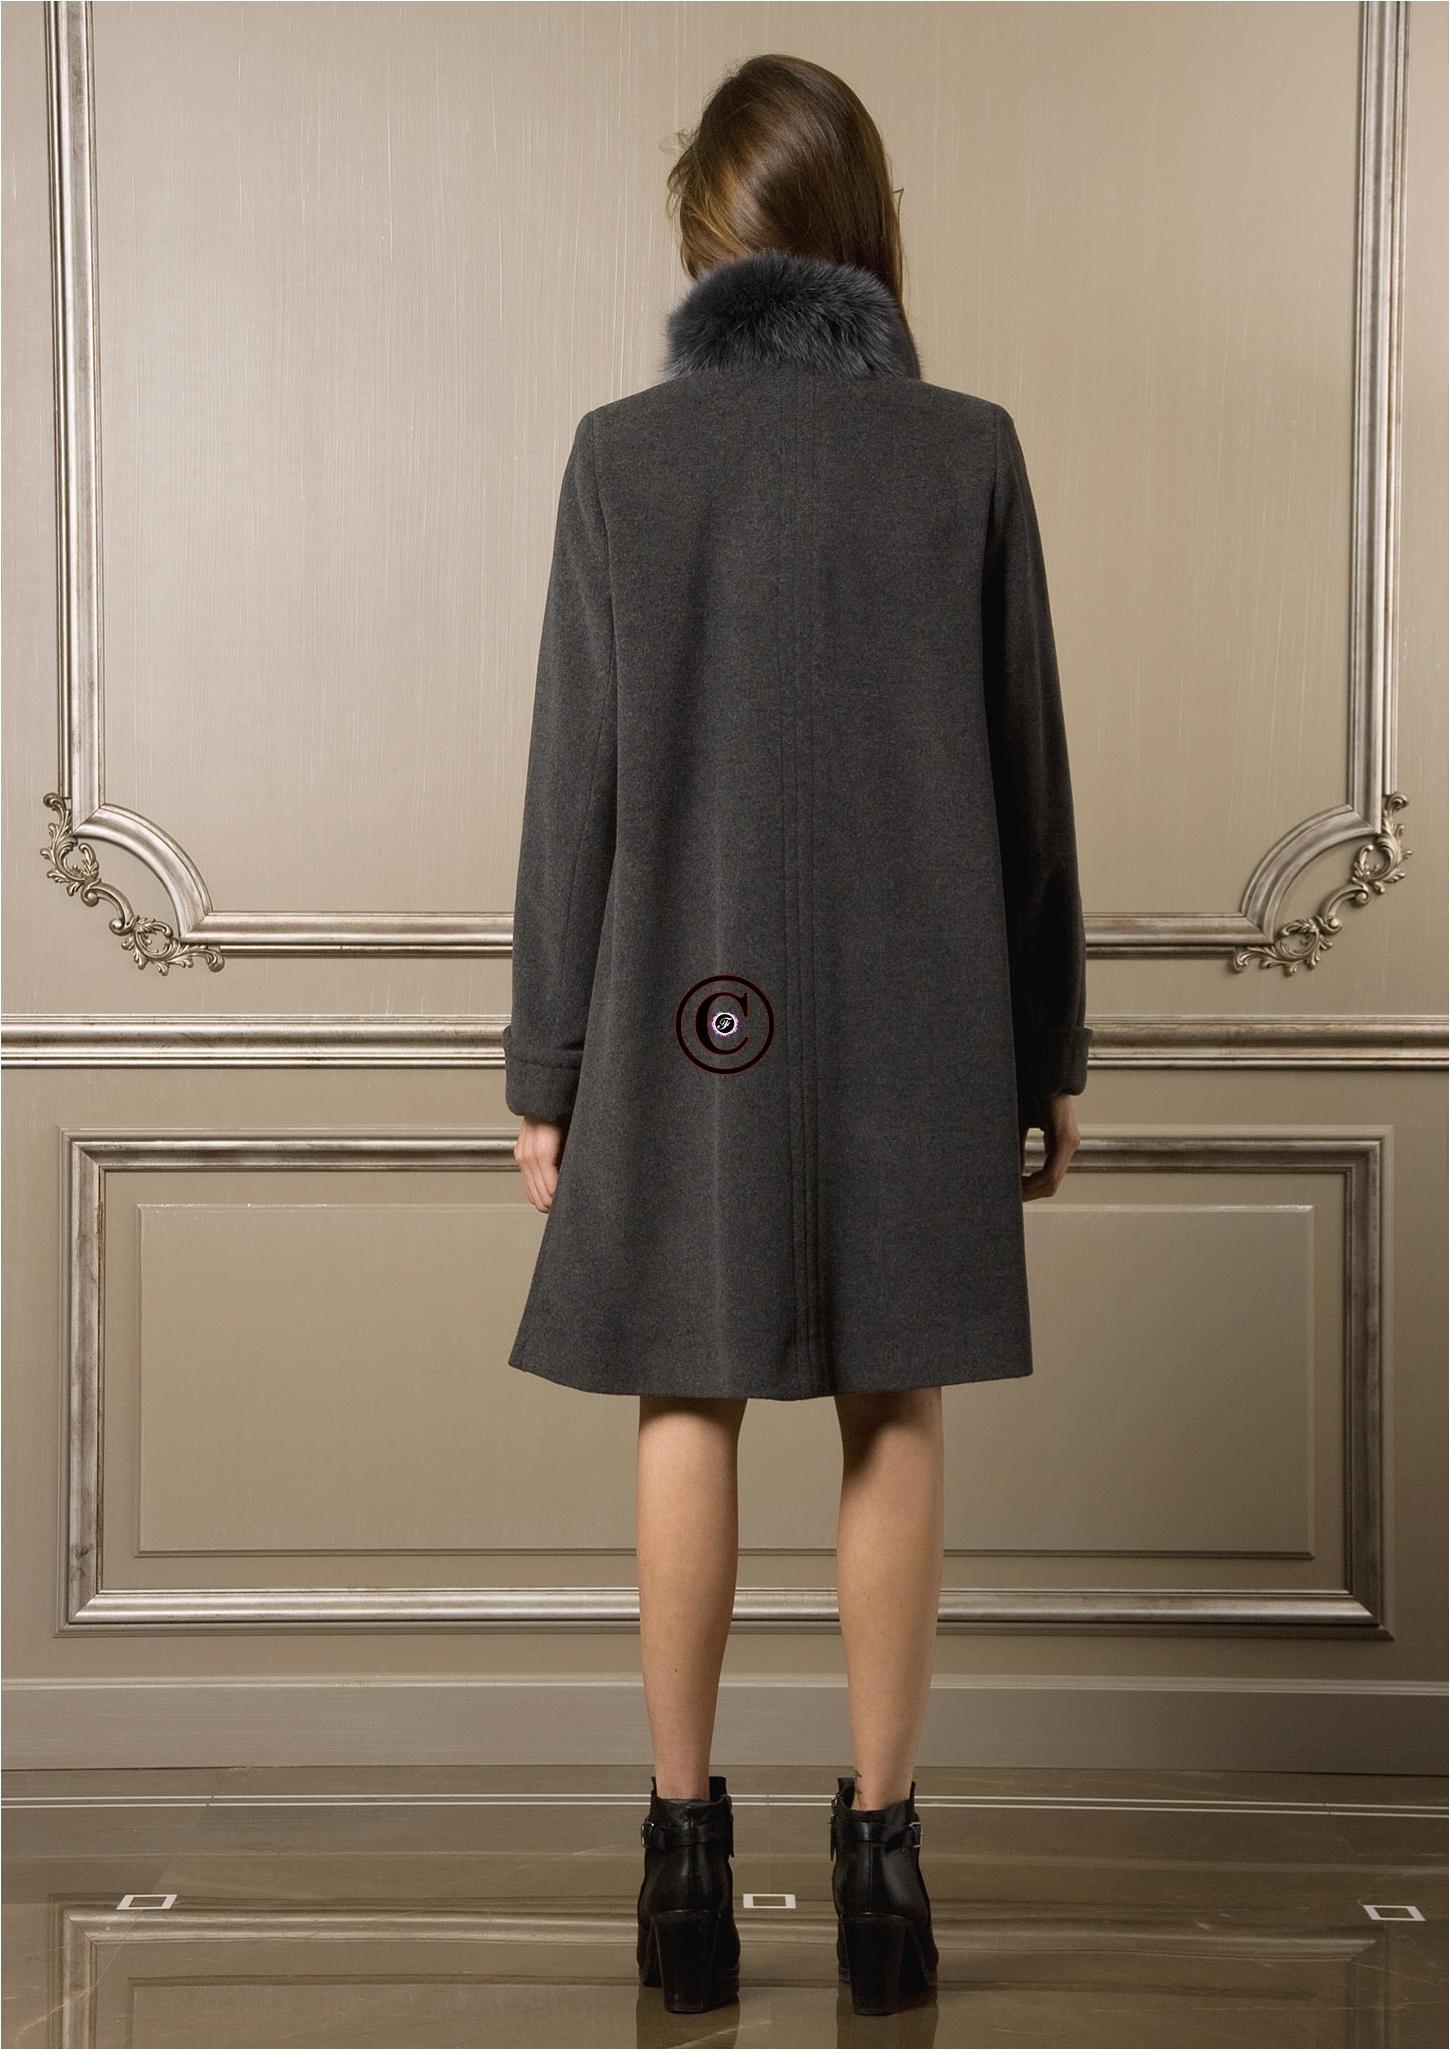 Manteau Femme Baya Paris Osaka Taille 48 Gris En Laine Et